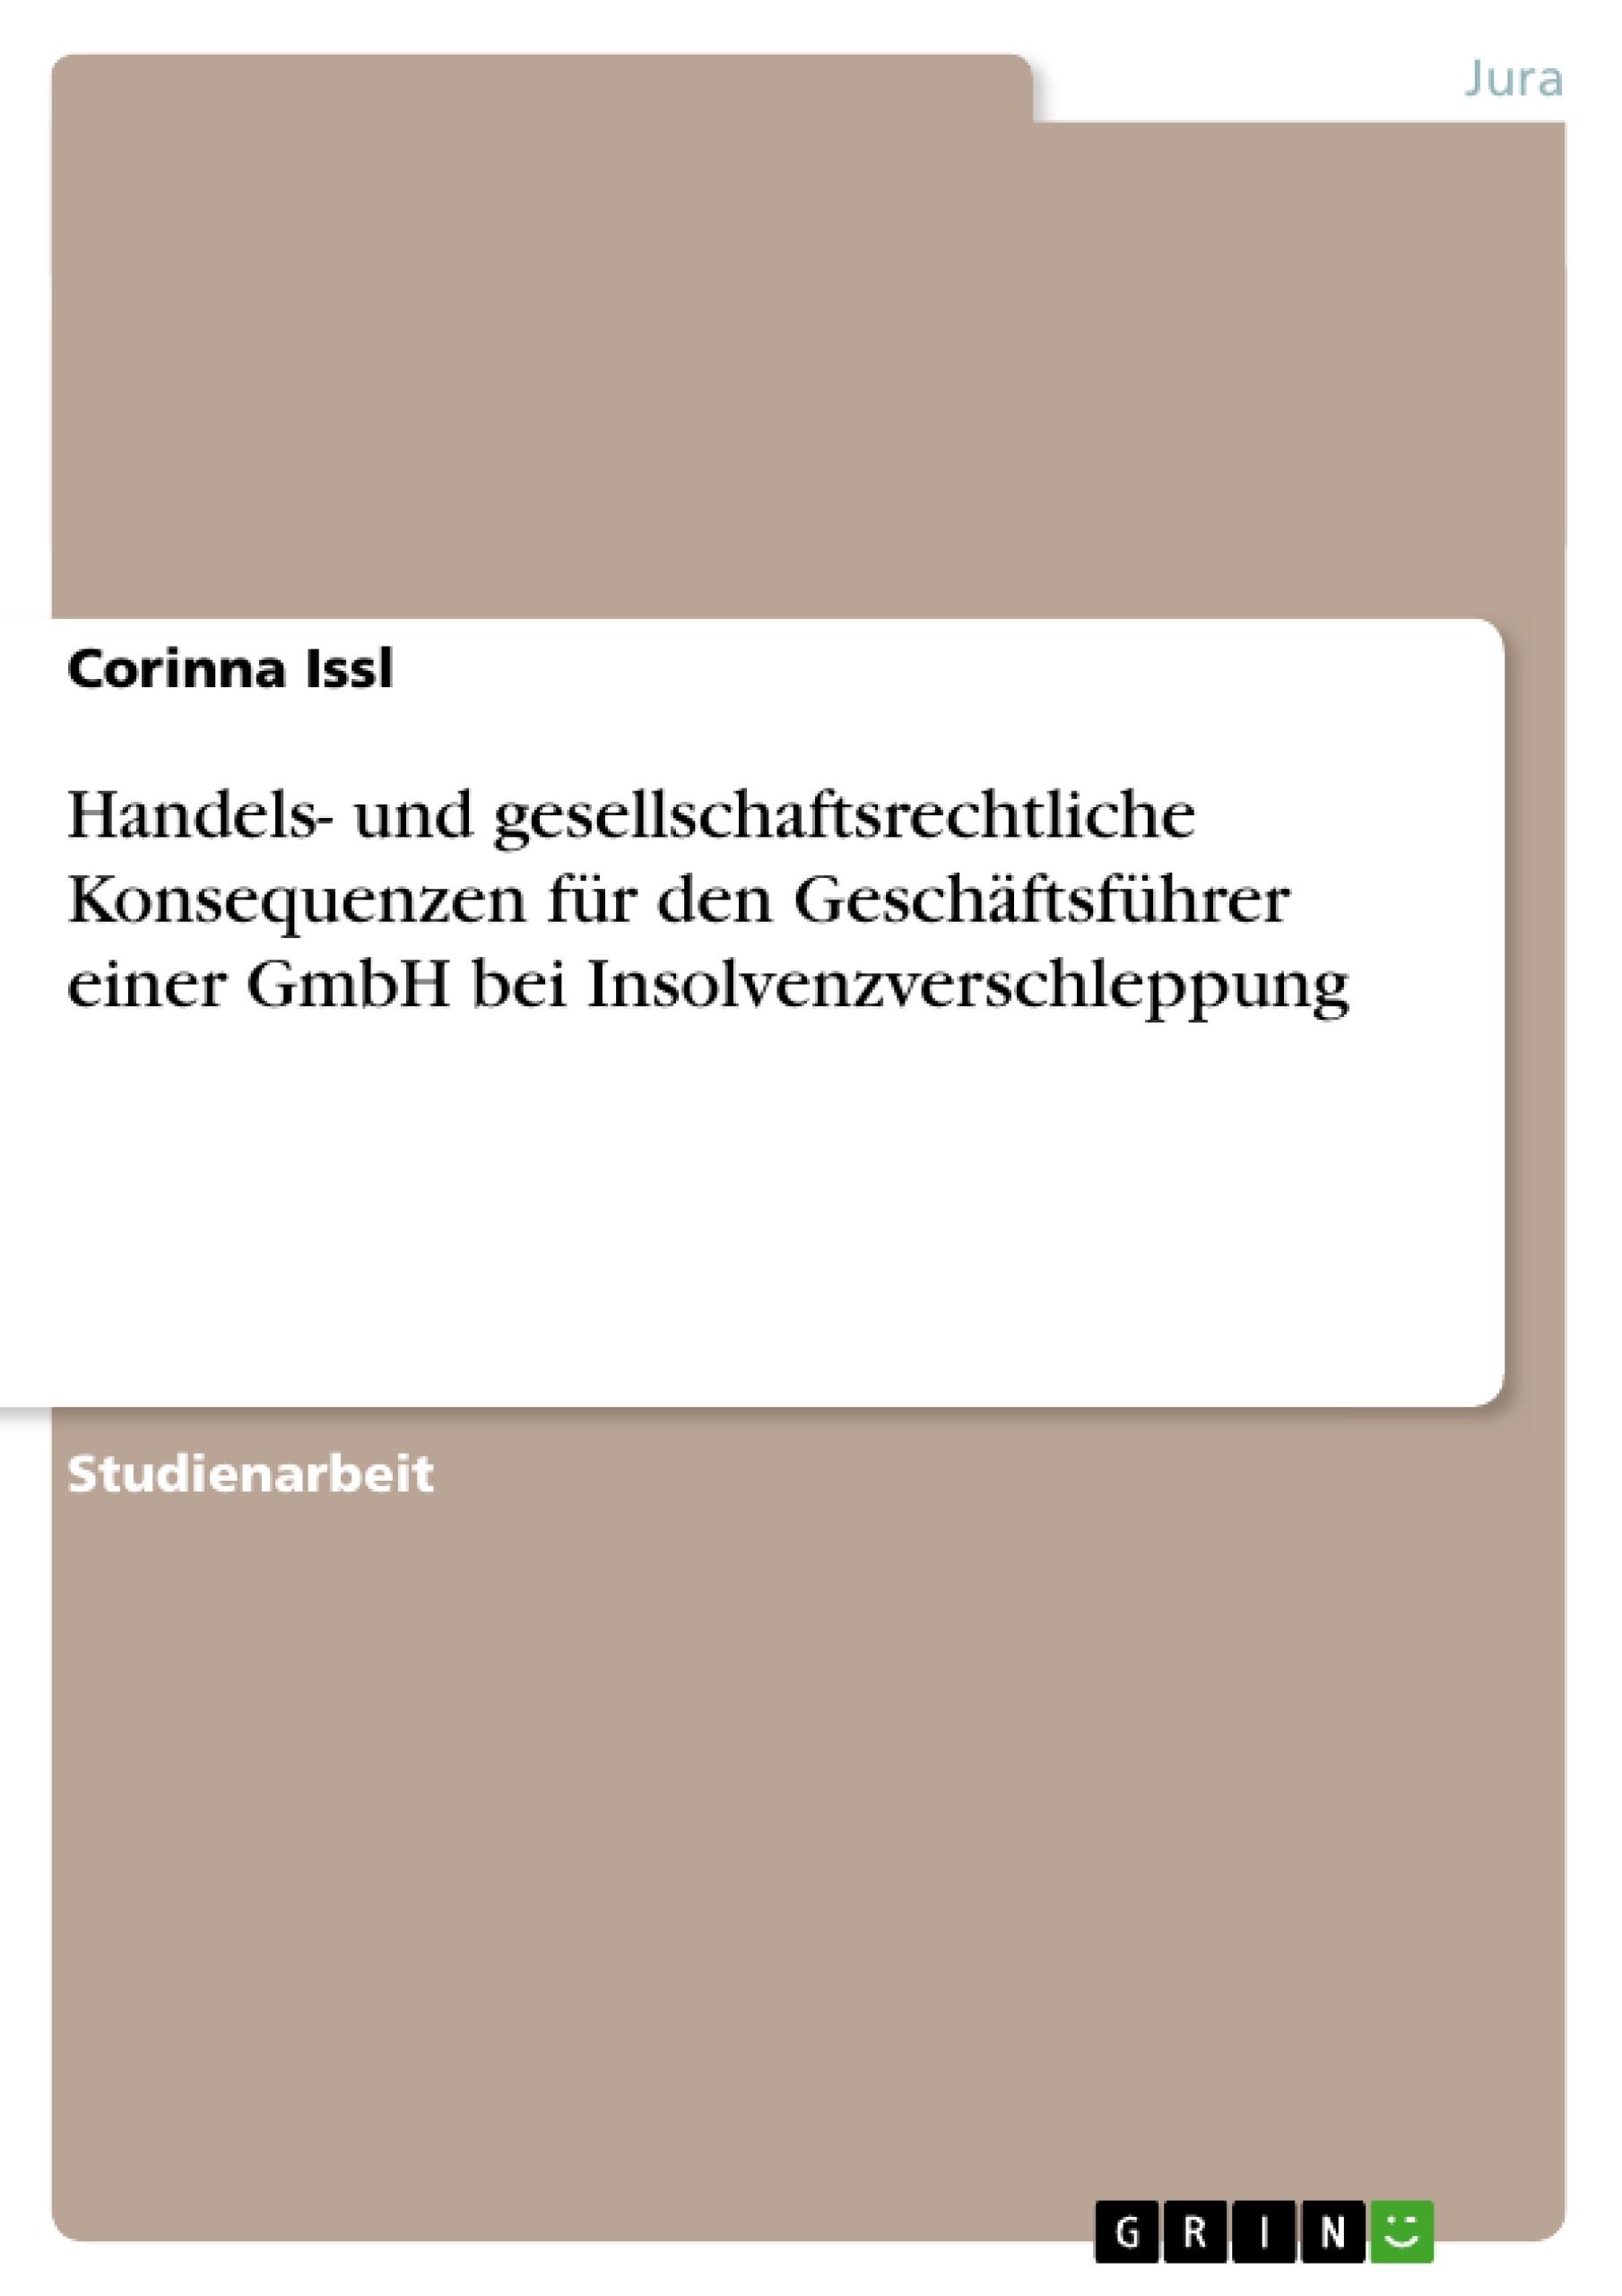 Titel: Handels- und gesellschaftsrechtliche Konsequenzen für den Geschäftsführer einer GmbH bei Insolvenzverschleppung